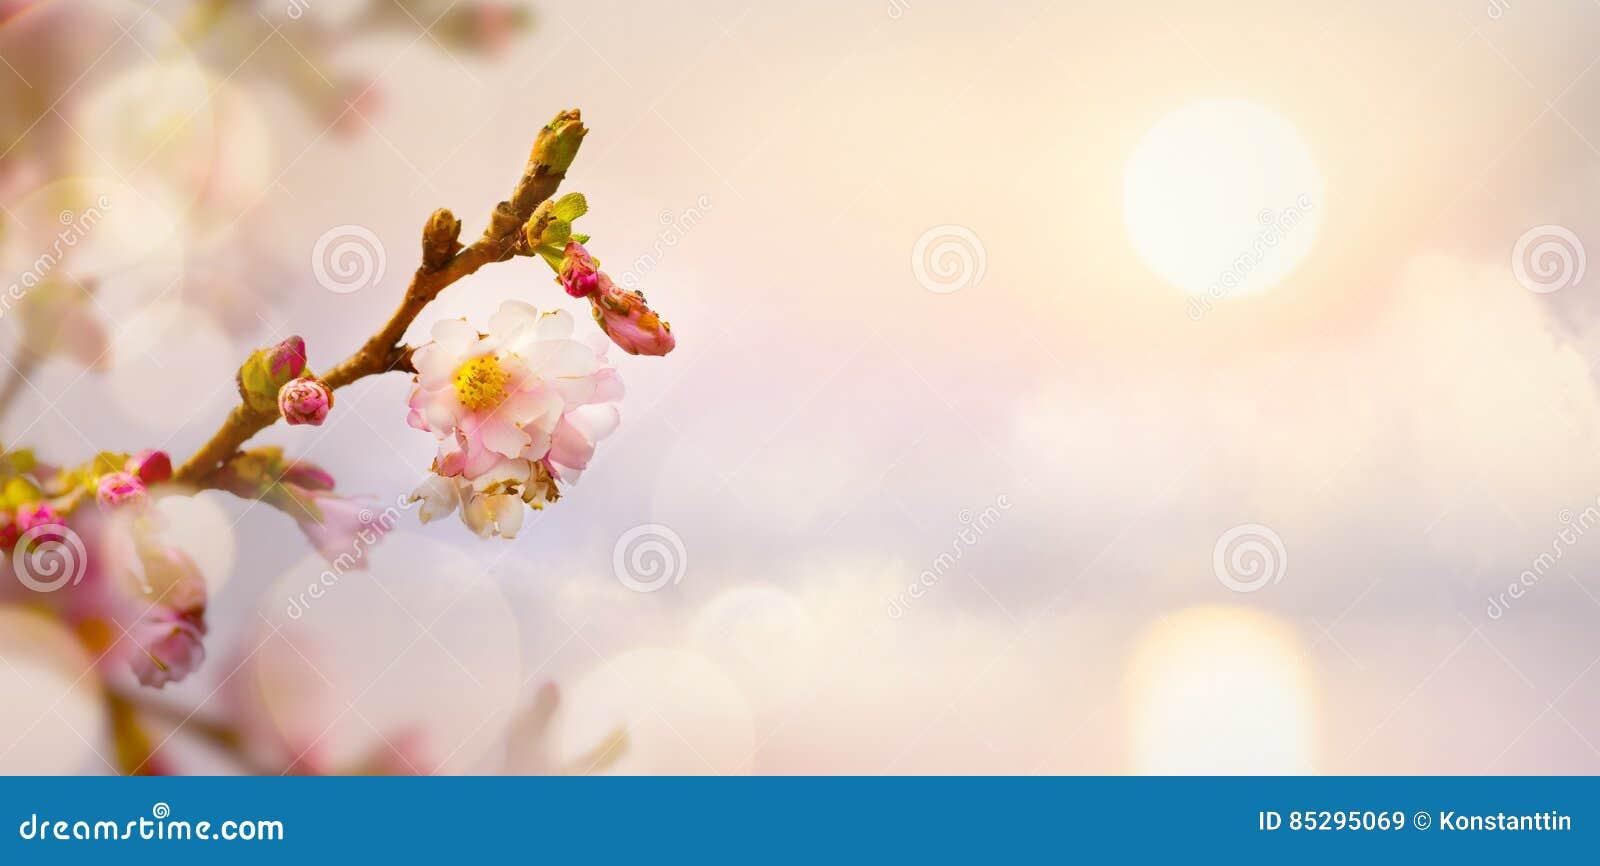 Art Spring Flower Background Easter Landscape Stock Image Image